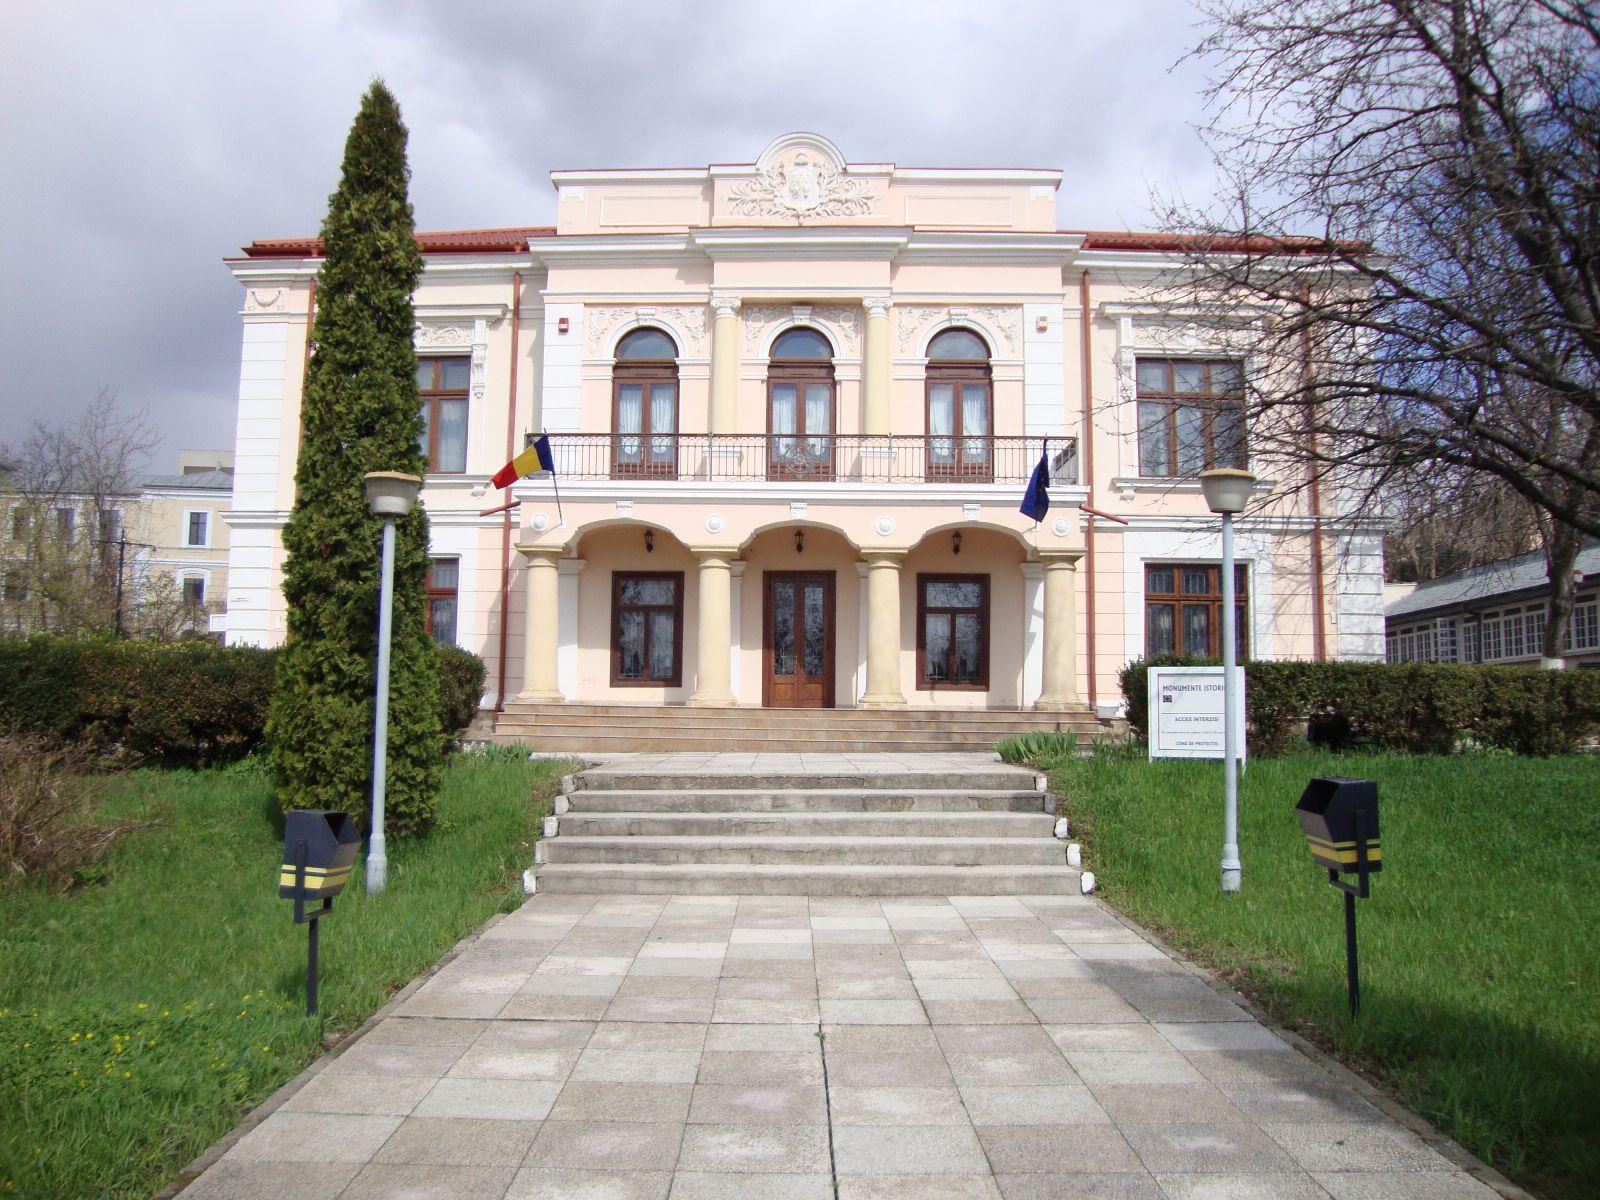 După FILIT, Muzeul Literaturii Române Iaşi câştigă din nou la imagine. Instituţia a obţinut titulatura de muzeu de importanţă naţională. Foto